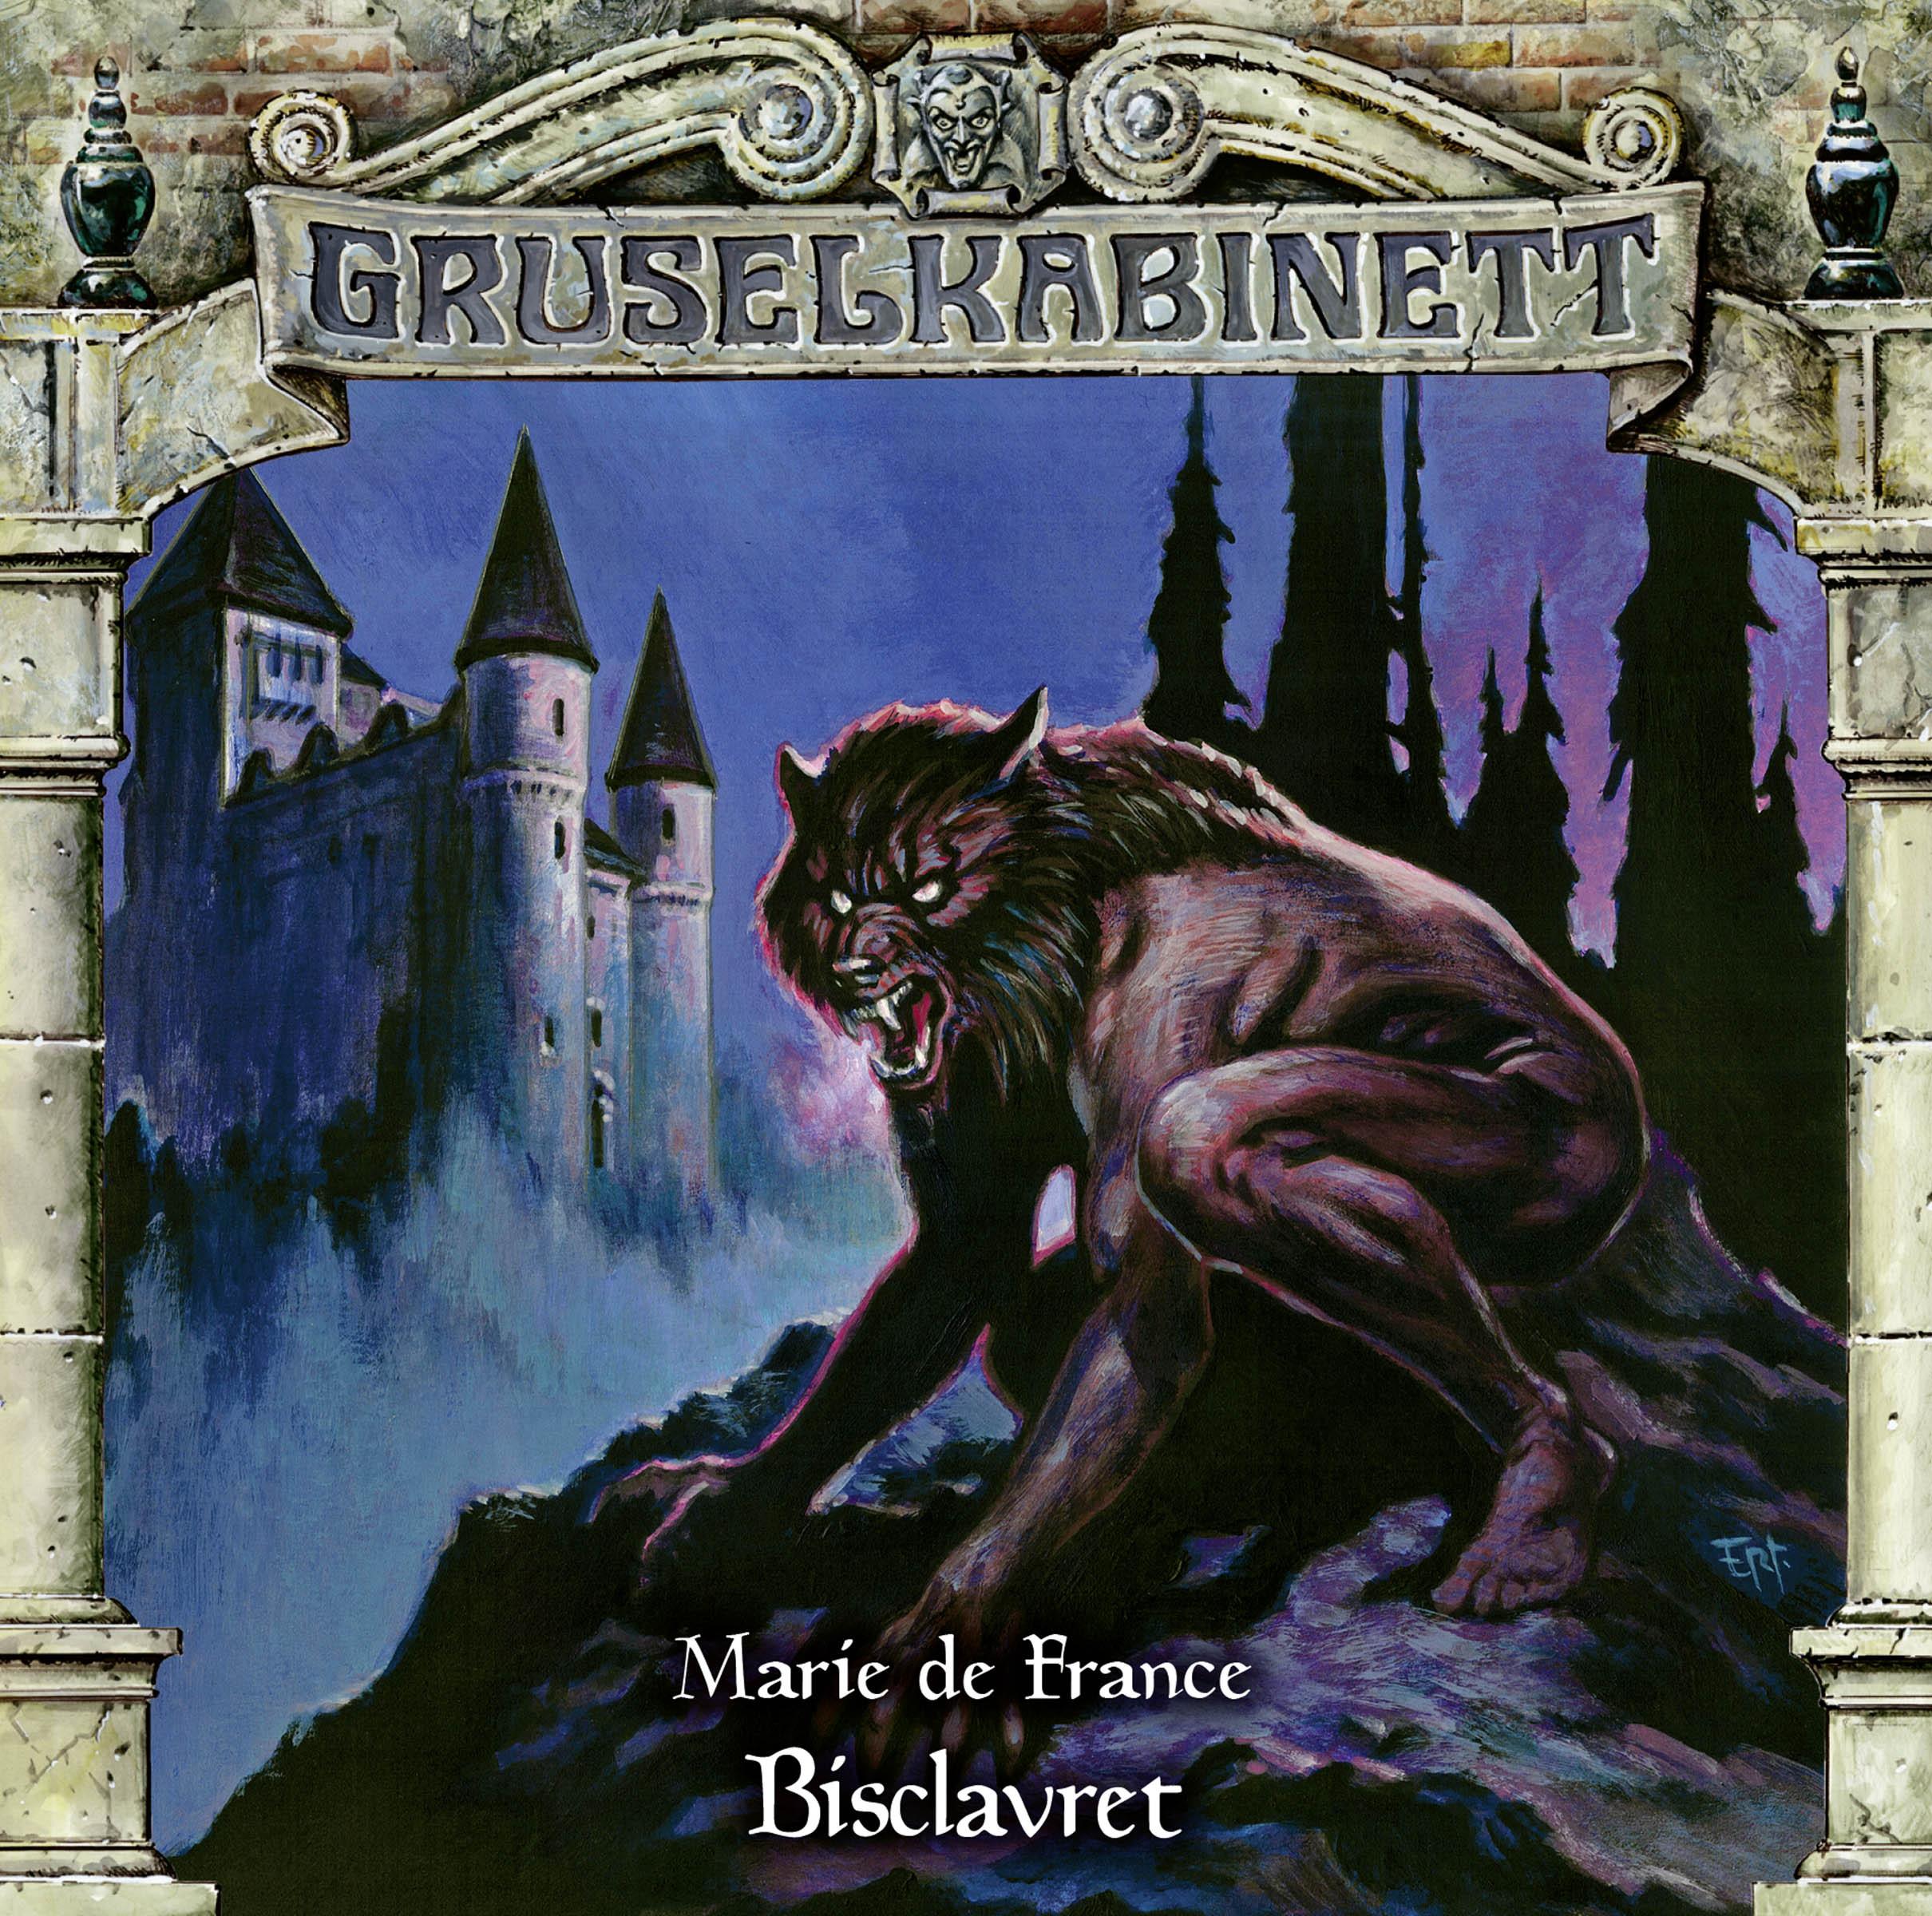 Gruselkabinett - Folge 166: Bisclavret